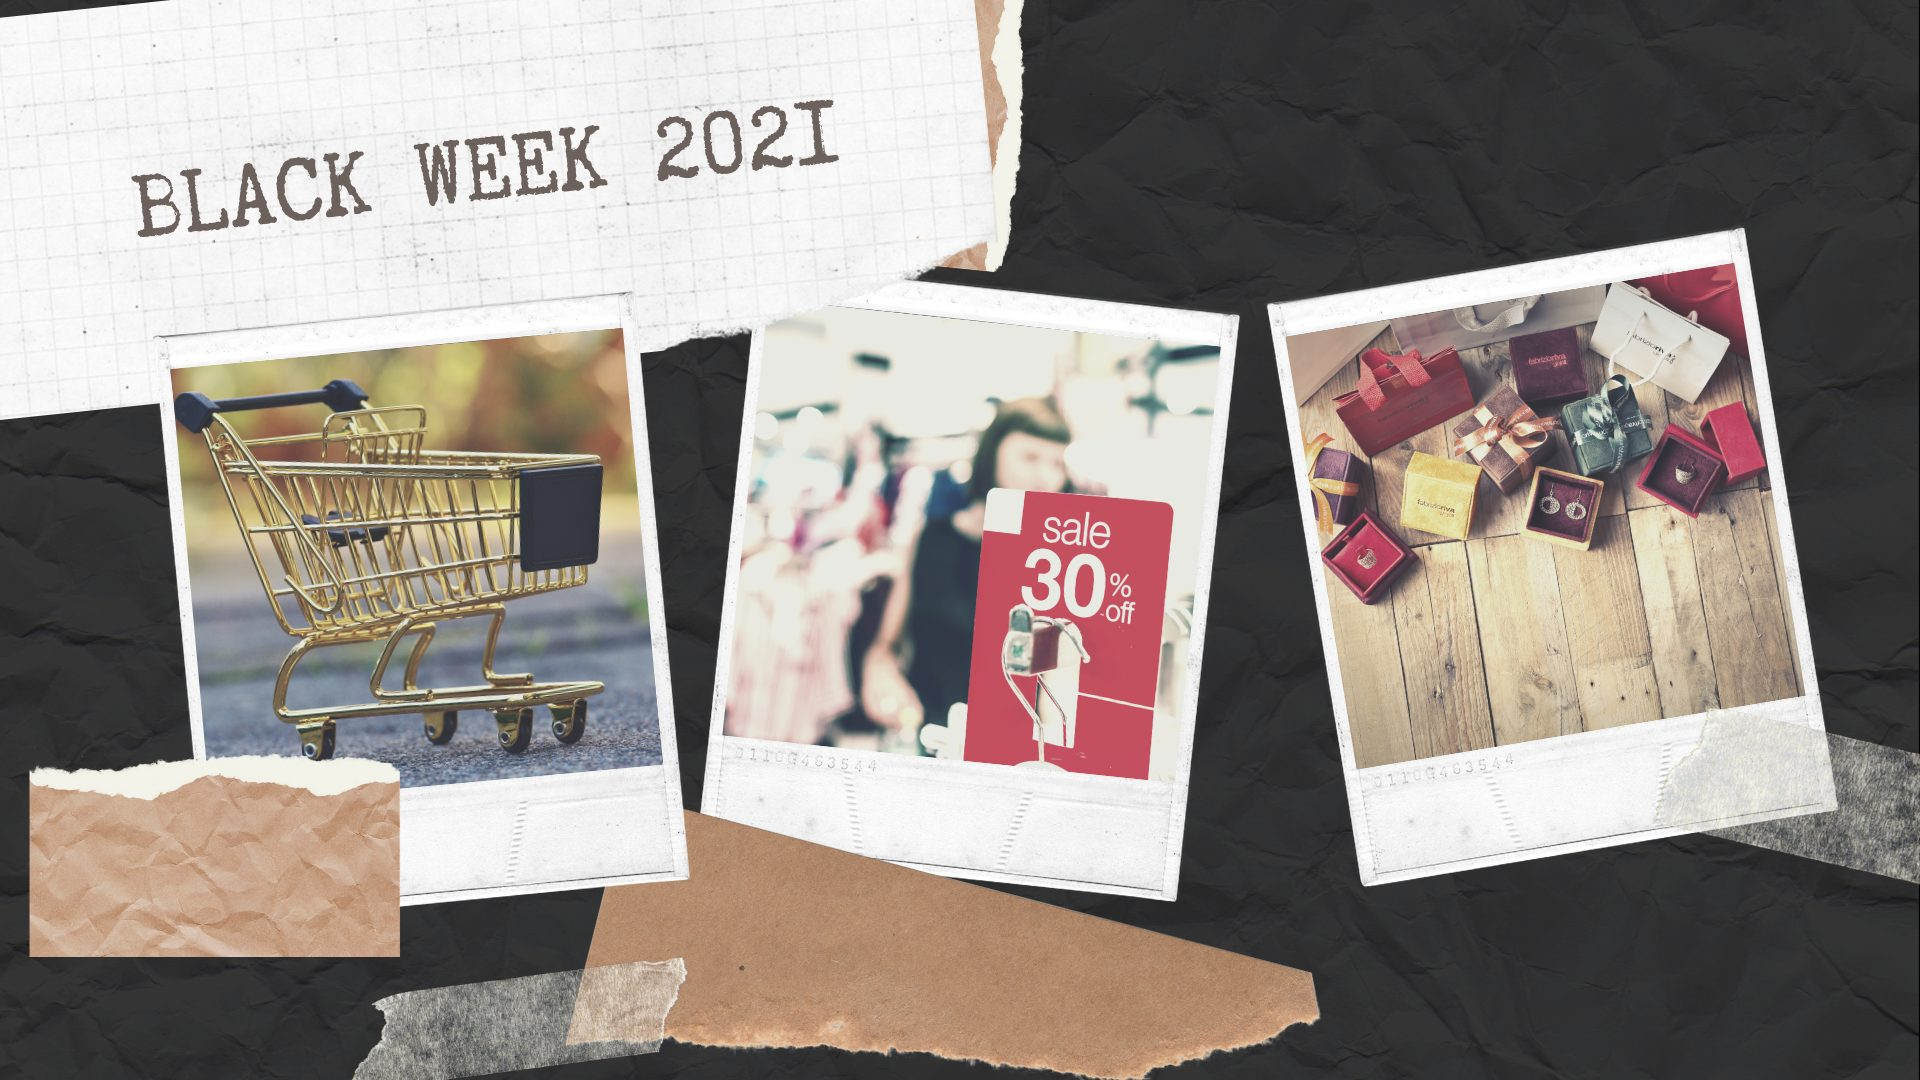 Black Week 2021